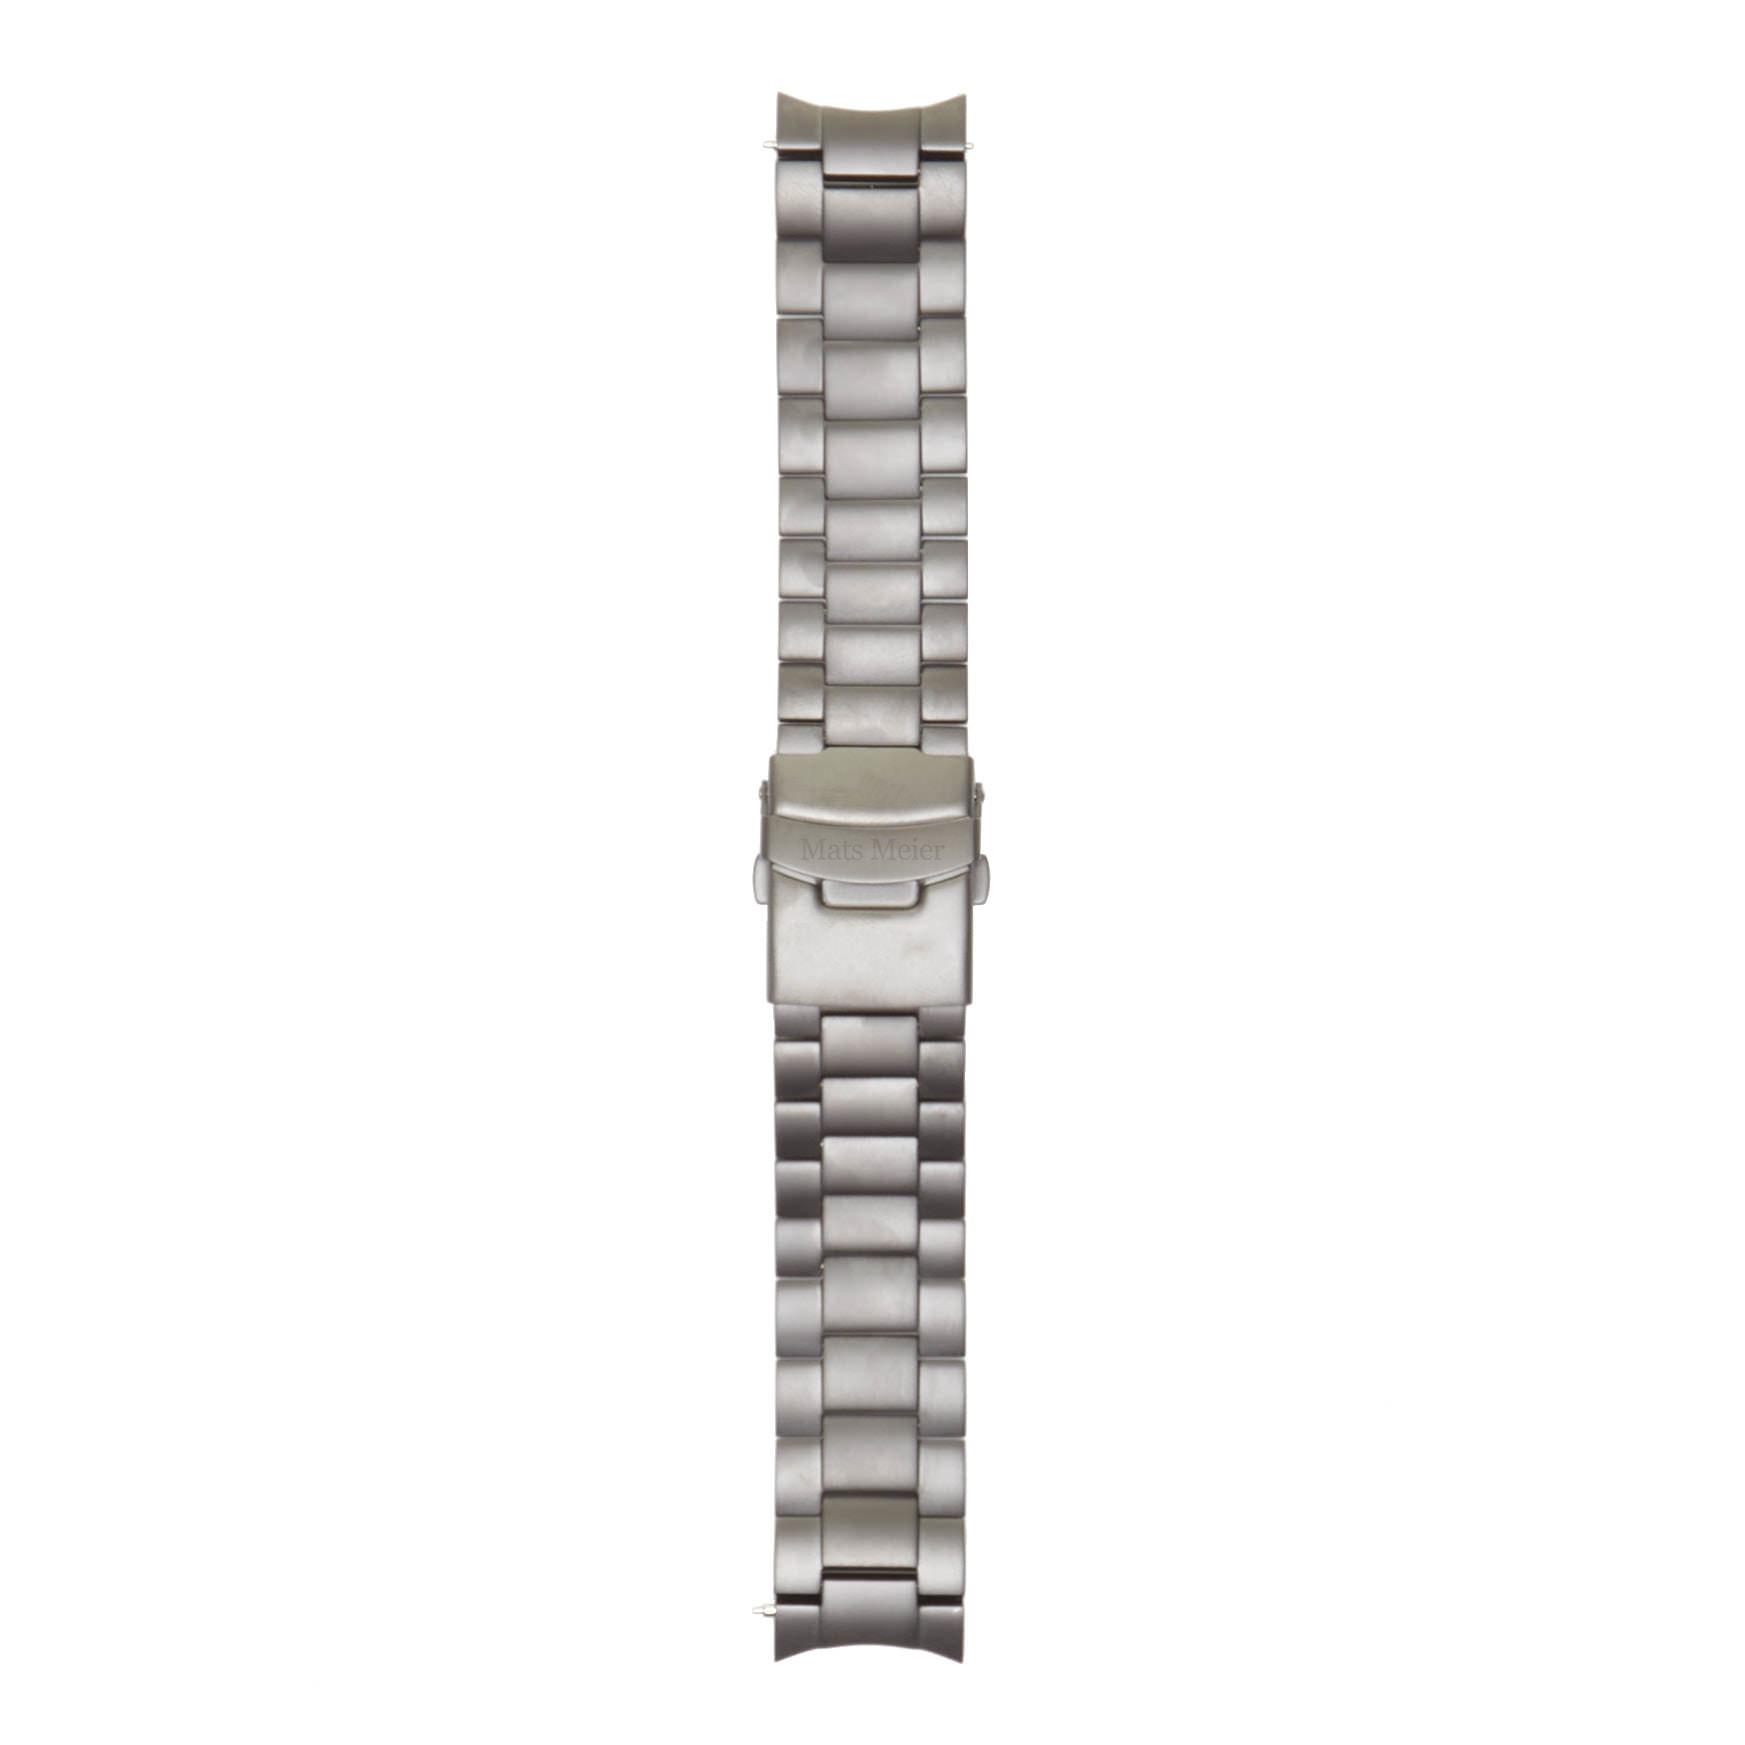 Mats Meier Grand Cornier cinturini per orologi in acciaio 22 mm nero